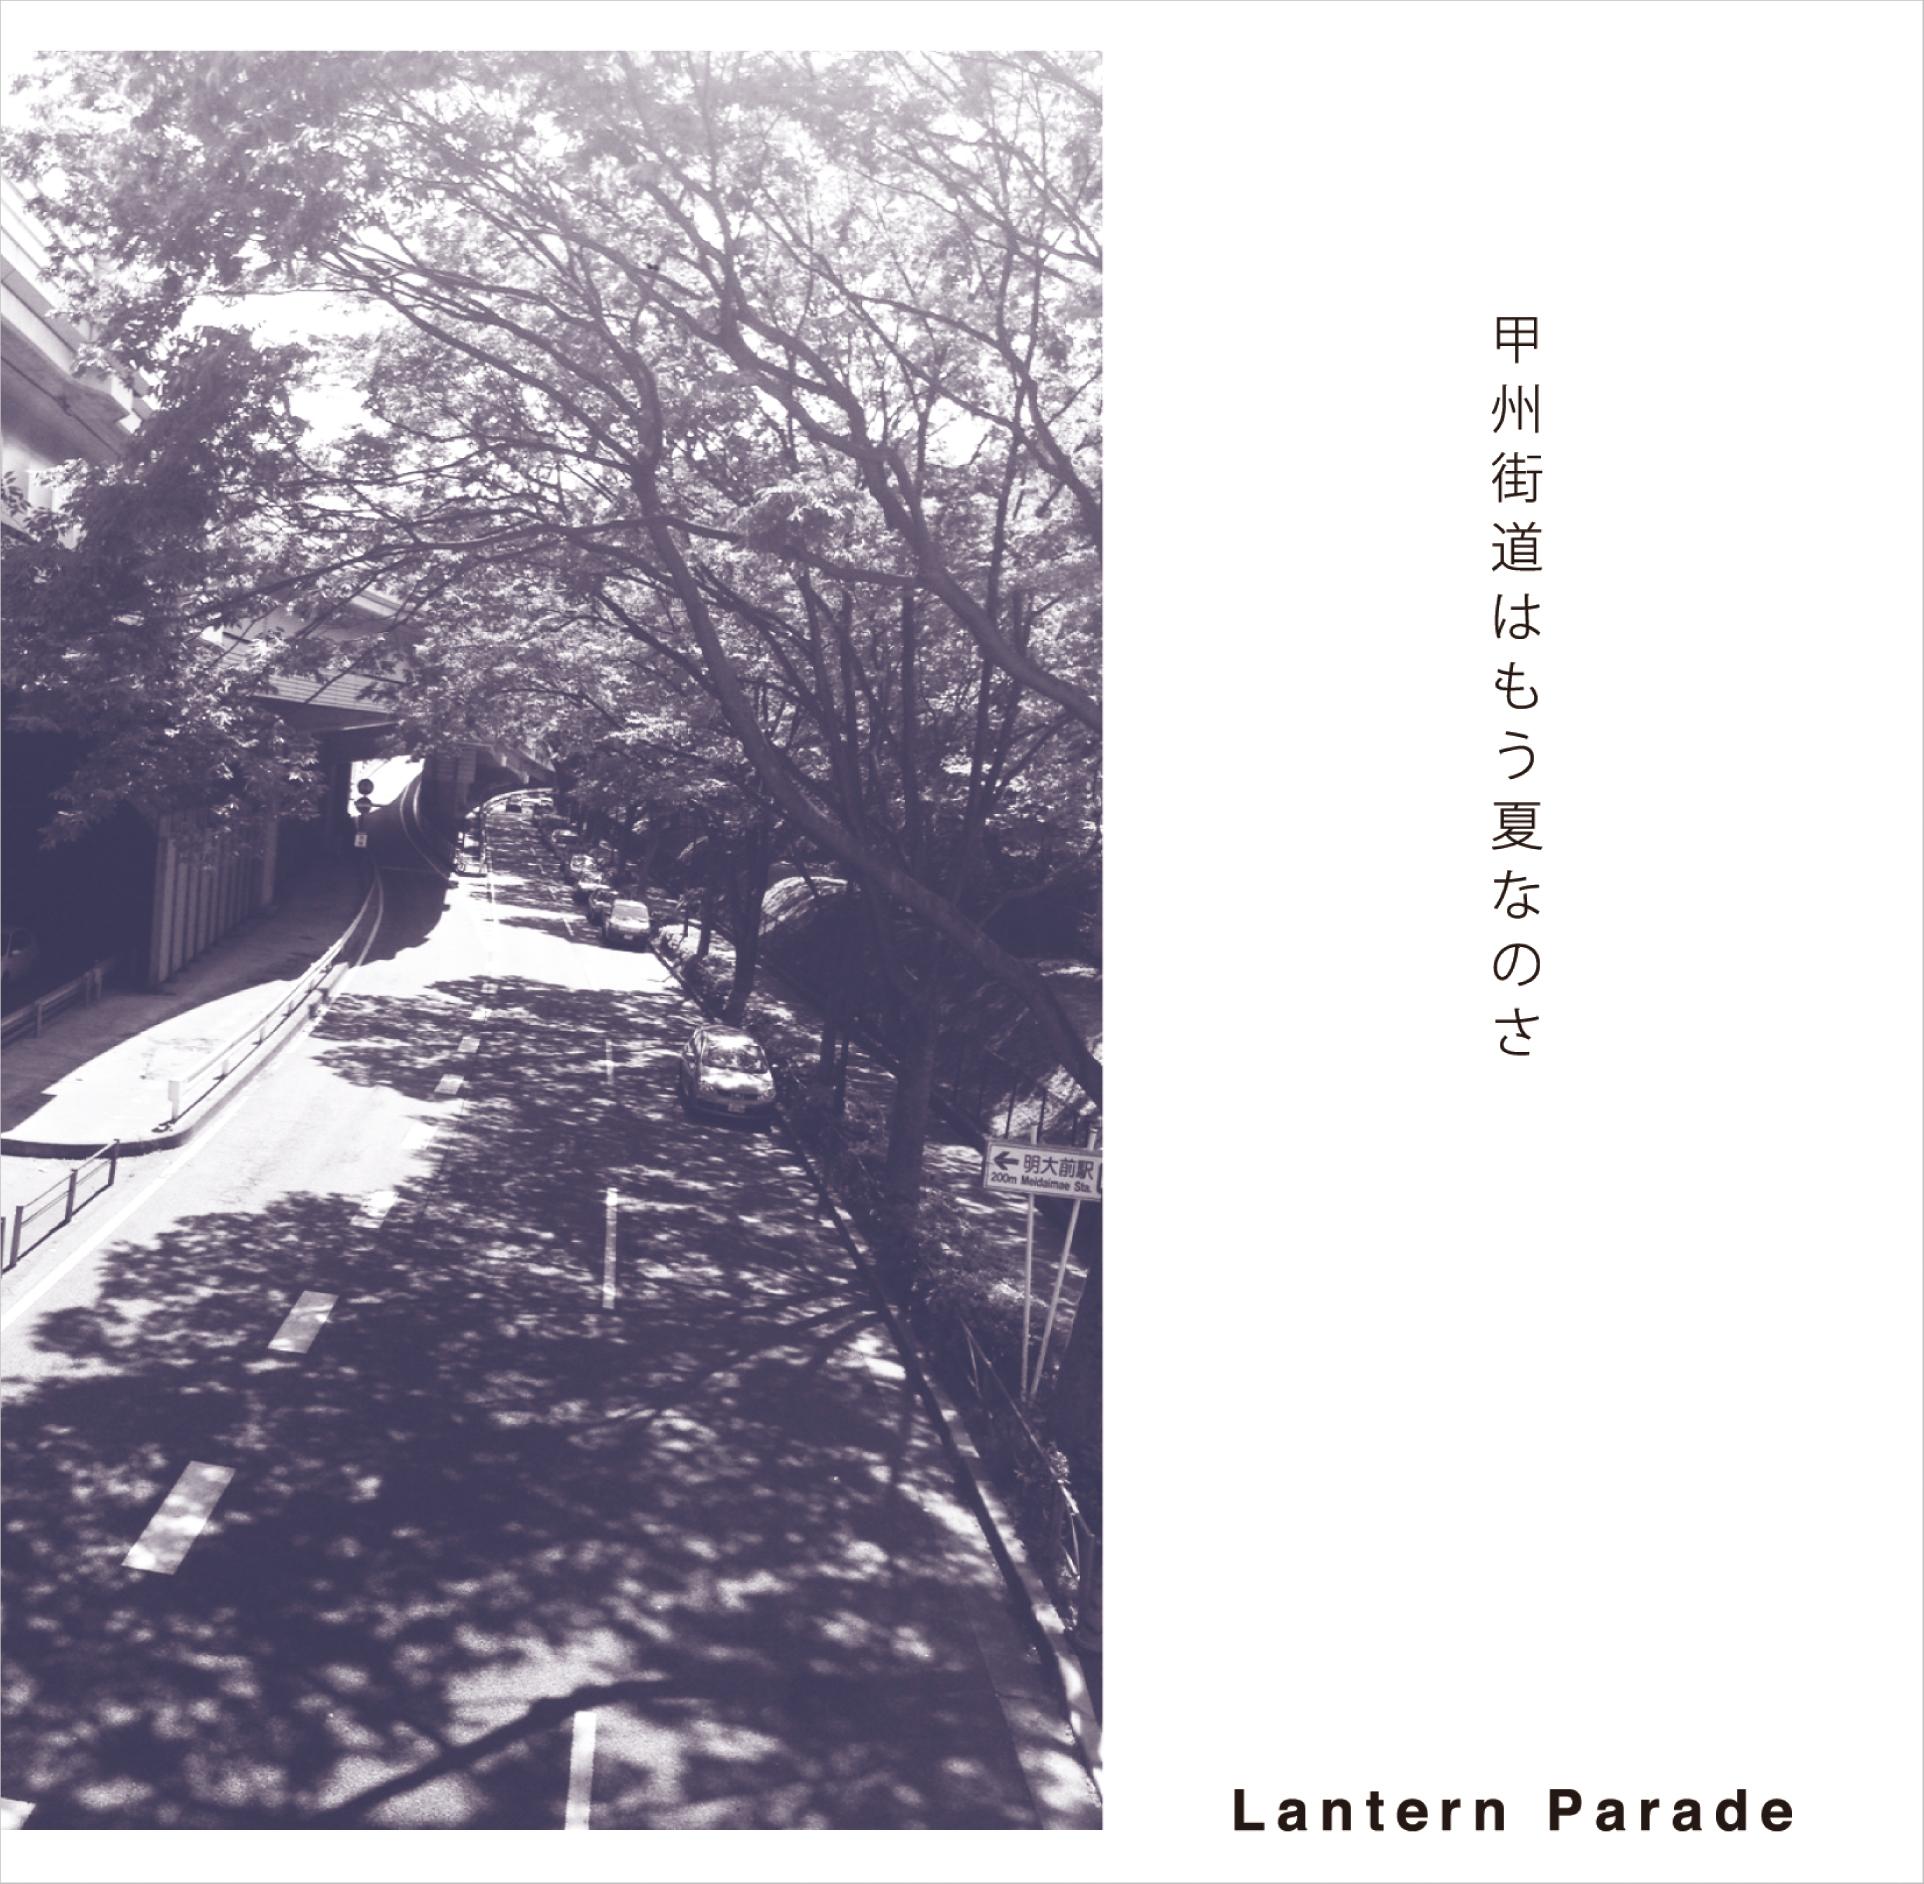 """ランタンパレード 7""""シングル『甲州街道はもう夏なのさ』のROSE SHOP分はソールドアウトいたしました。"""